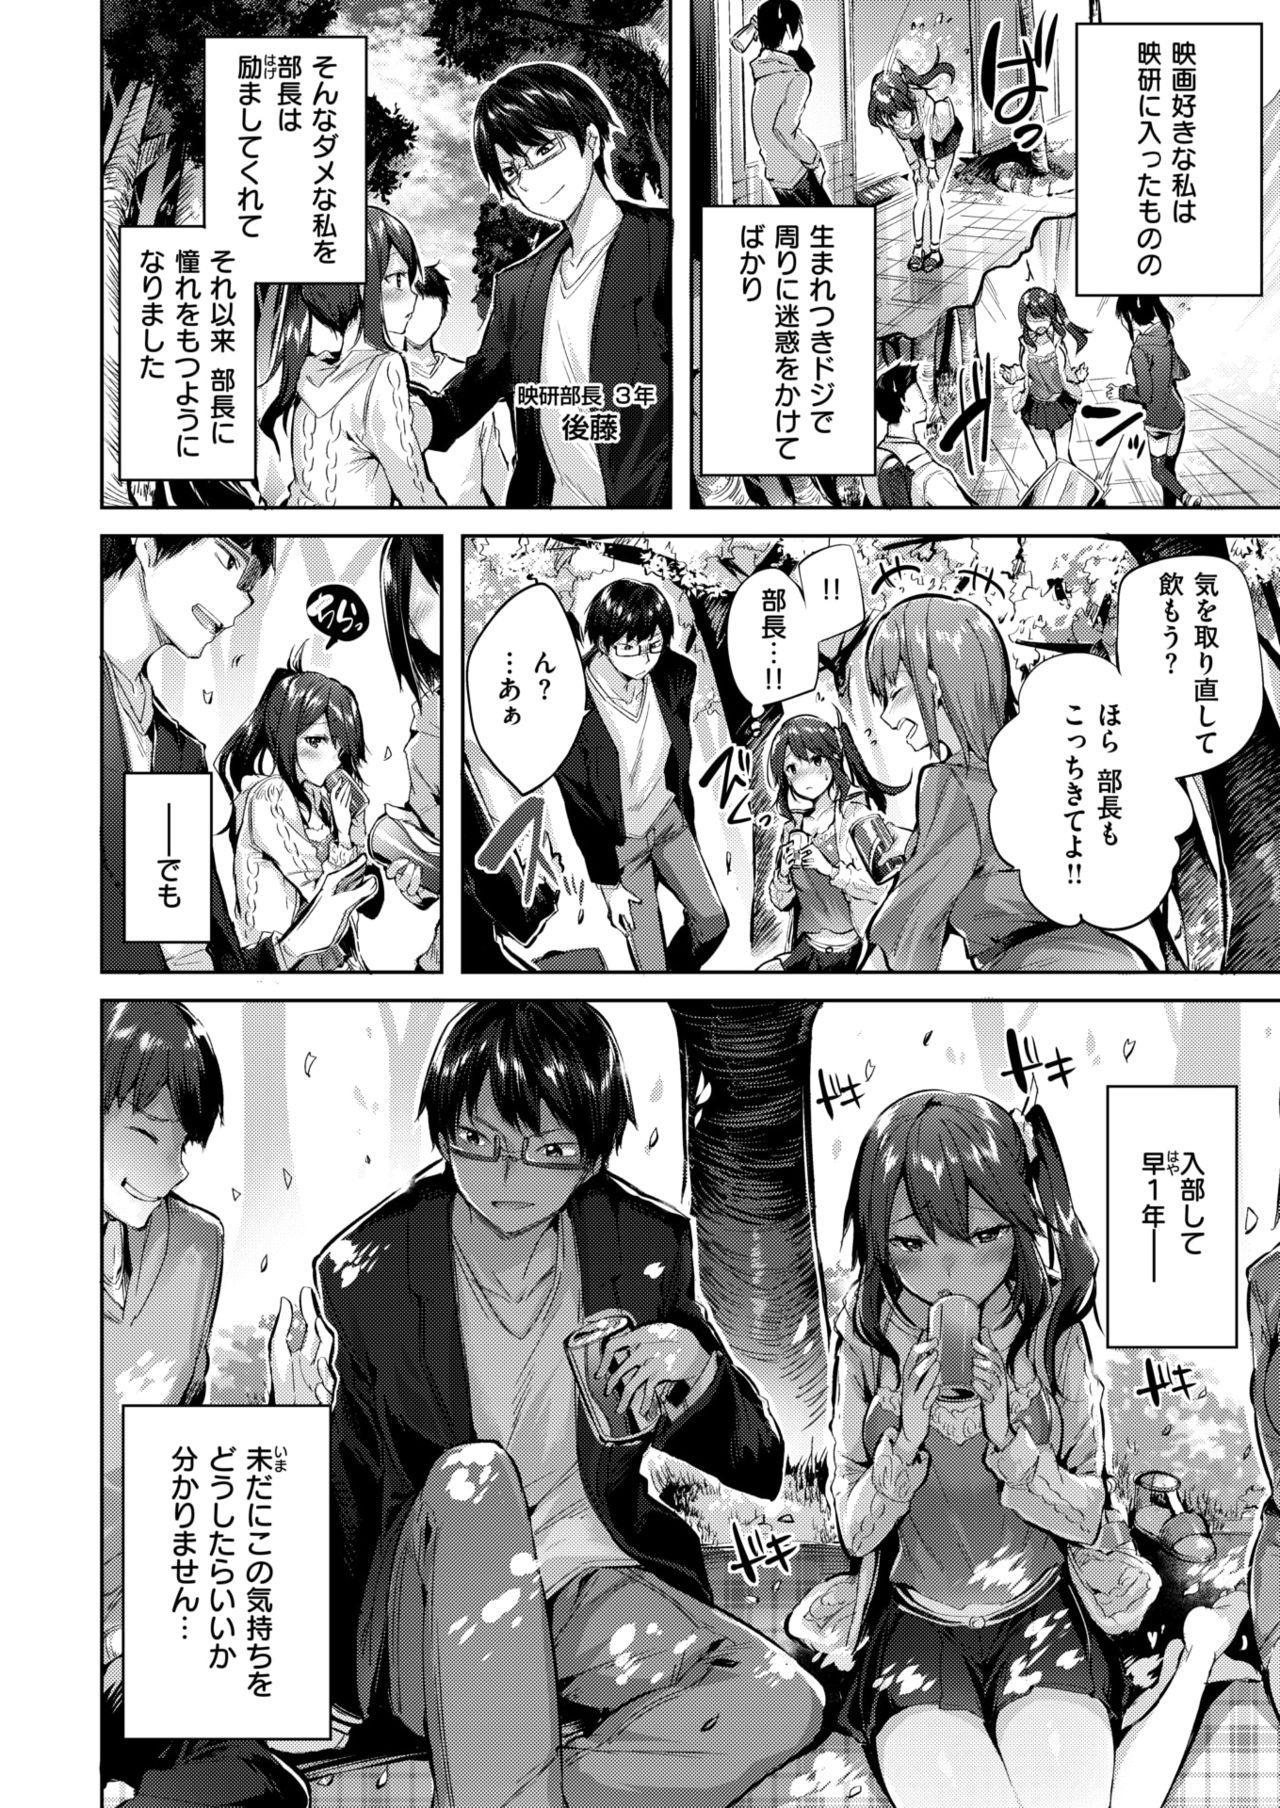 COMIC Kairakuten BEAST 2018-04 8